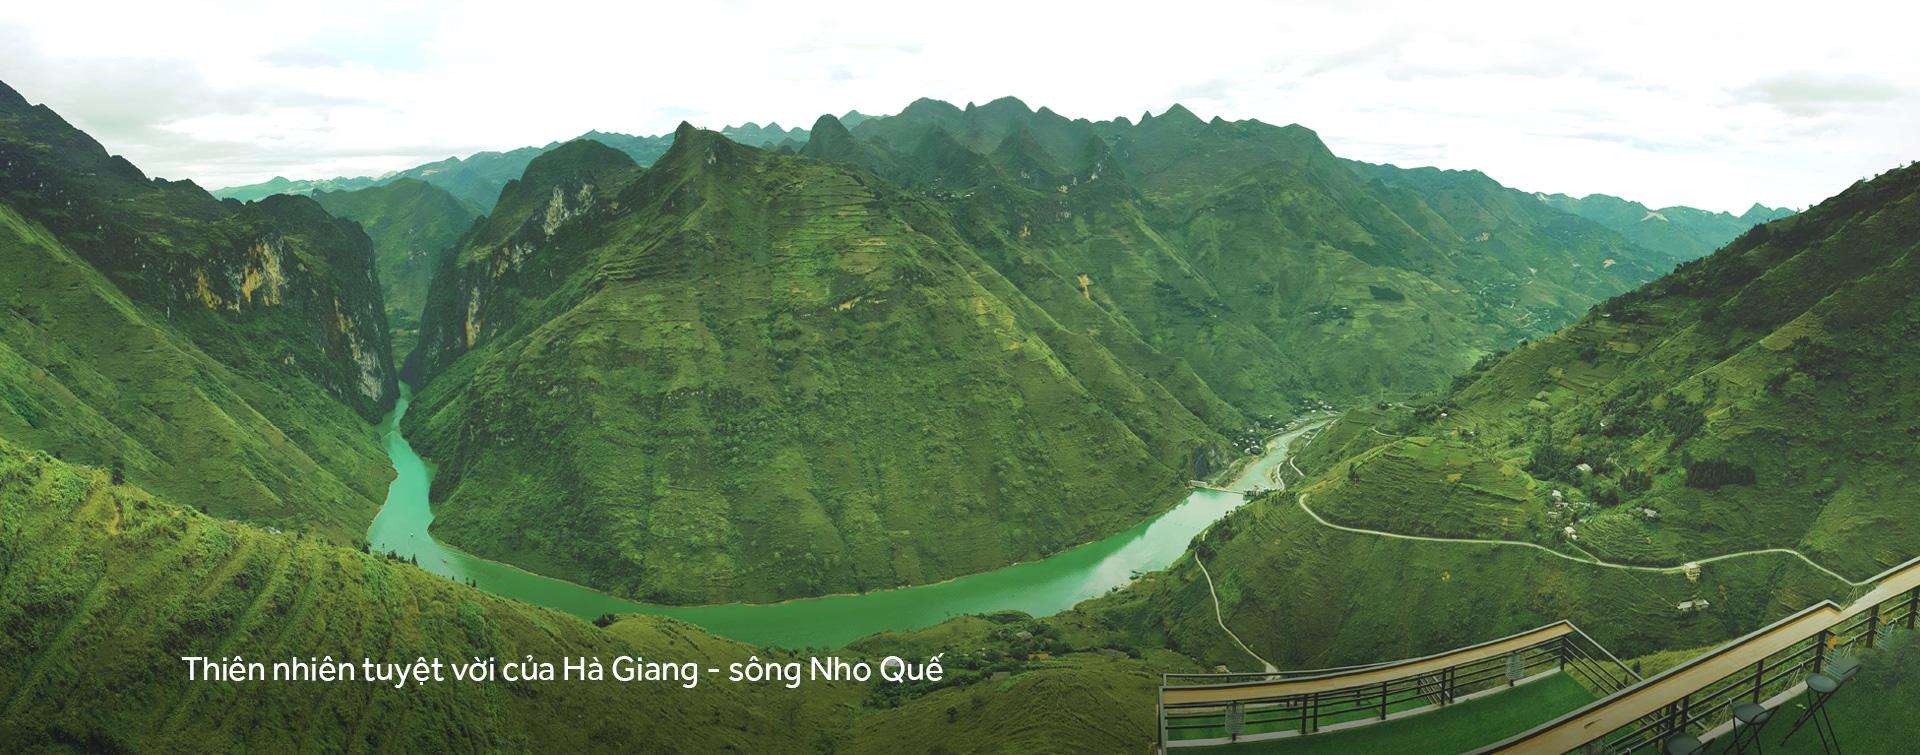 55 năm Cung đường Hạnh Phúc trên trập trùng núi đá Hà Giang - Ảnh 17.